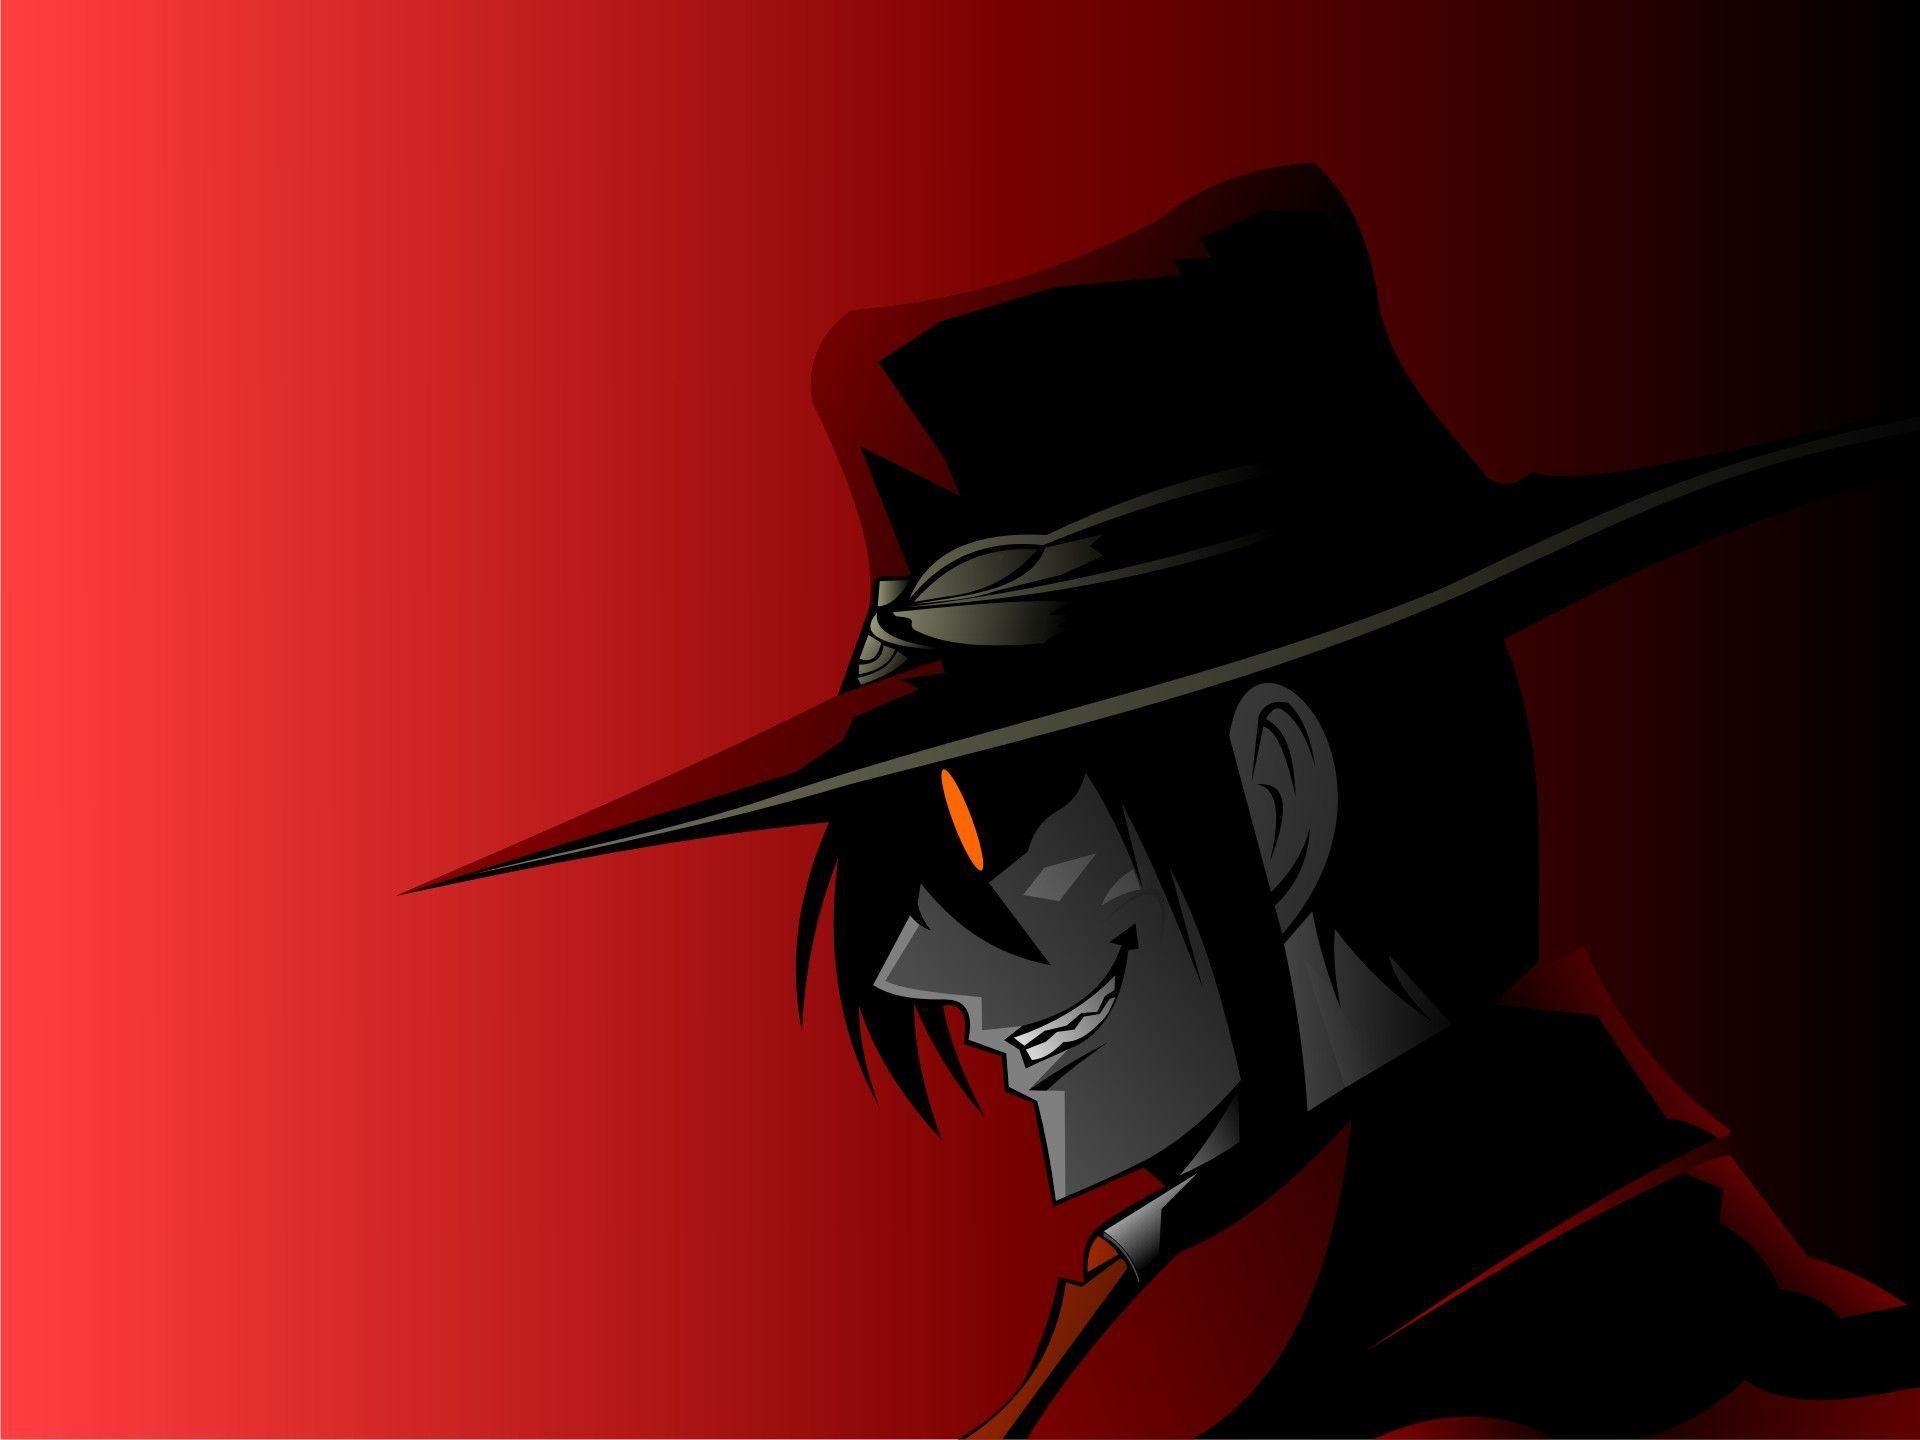 Hellsing Alucard Vampires 1680x1050 Wallpaper Anime Hellsing Hd